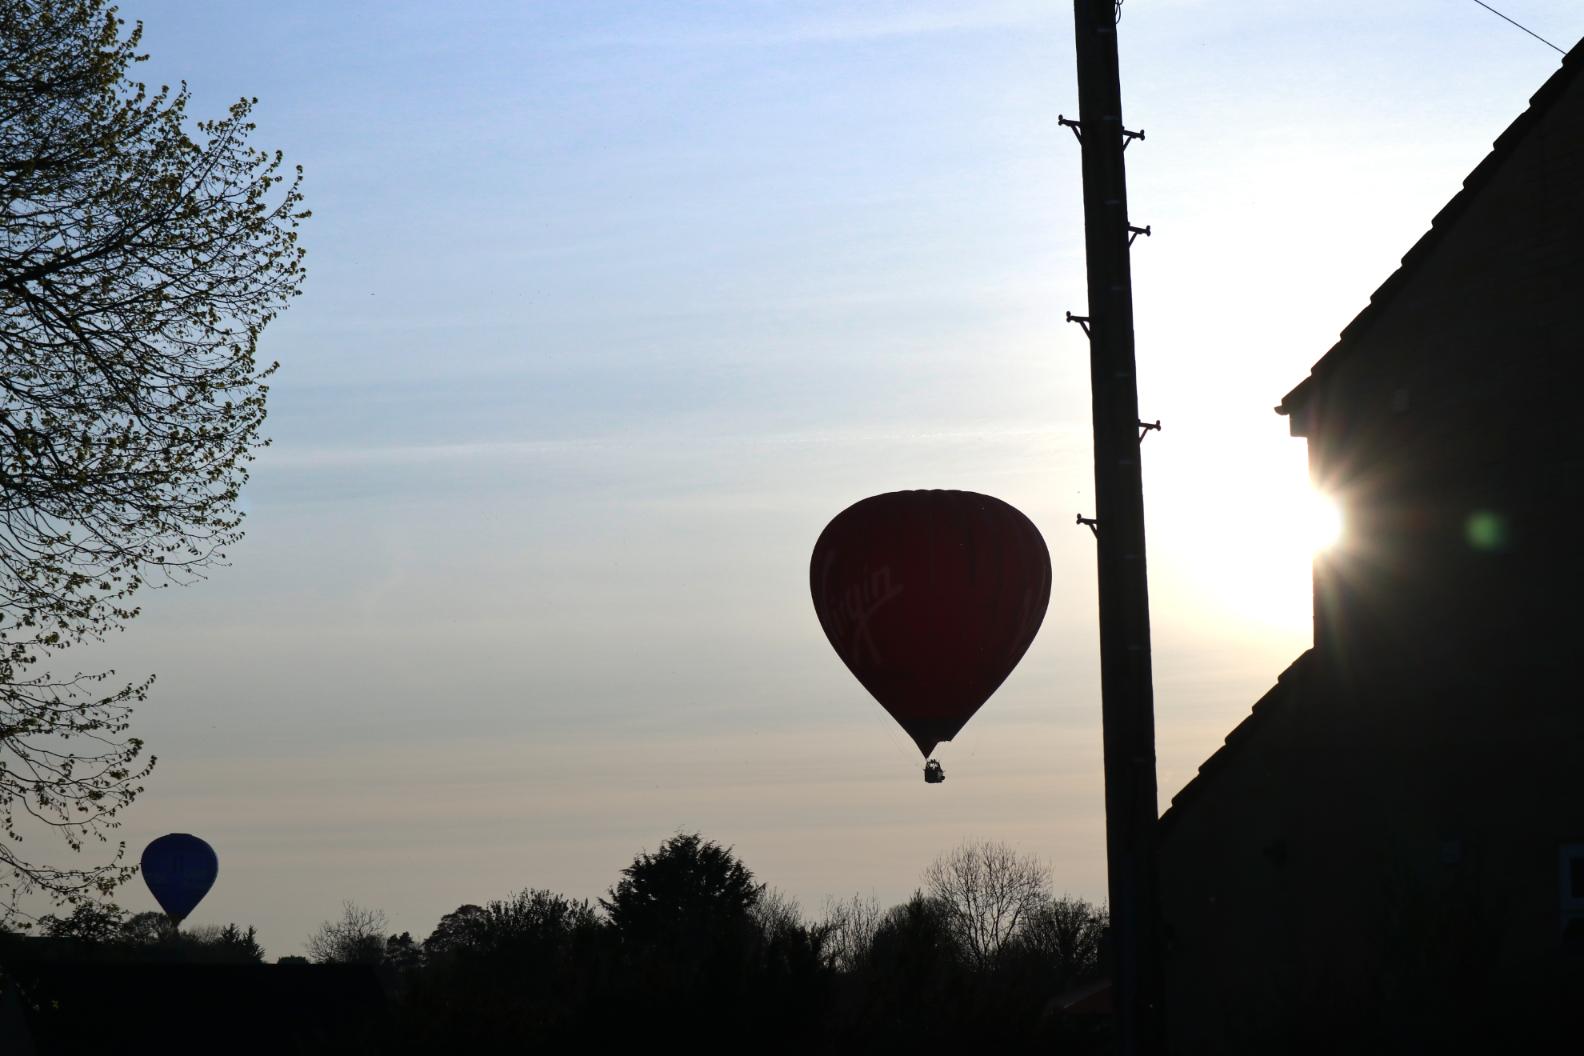 ballon two